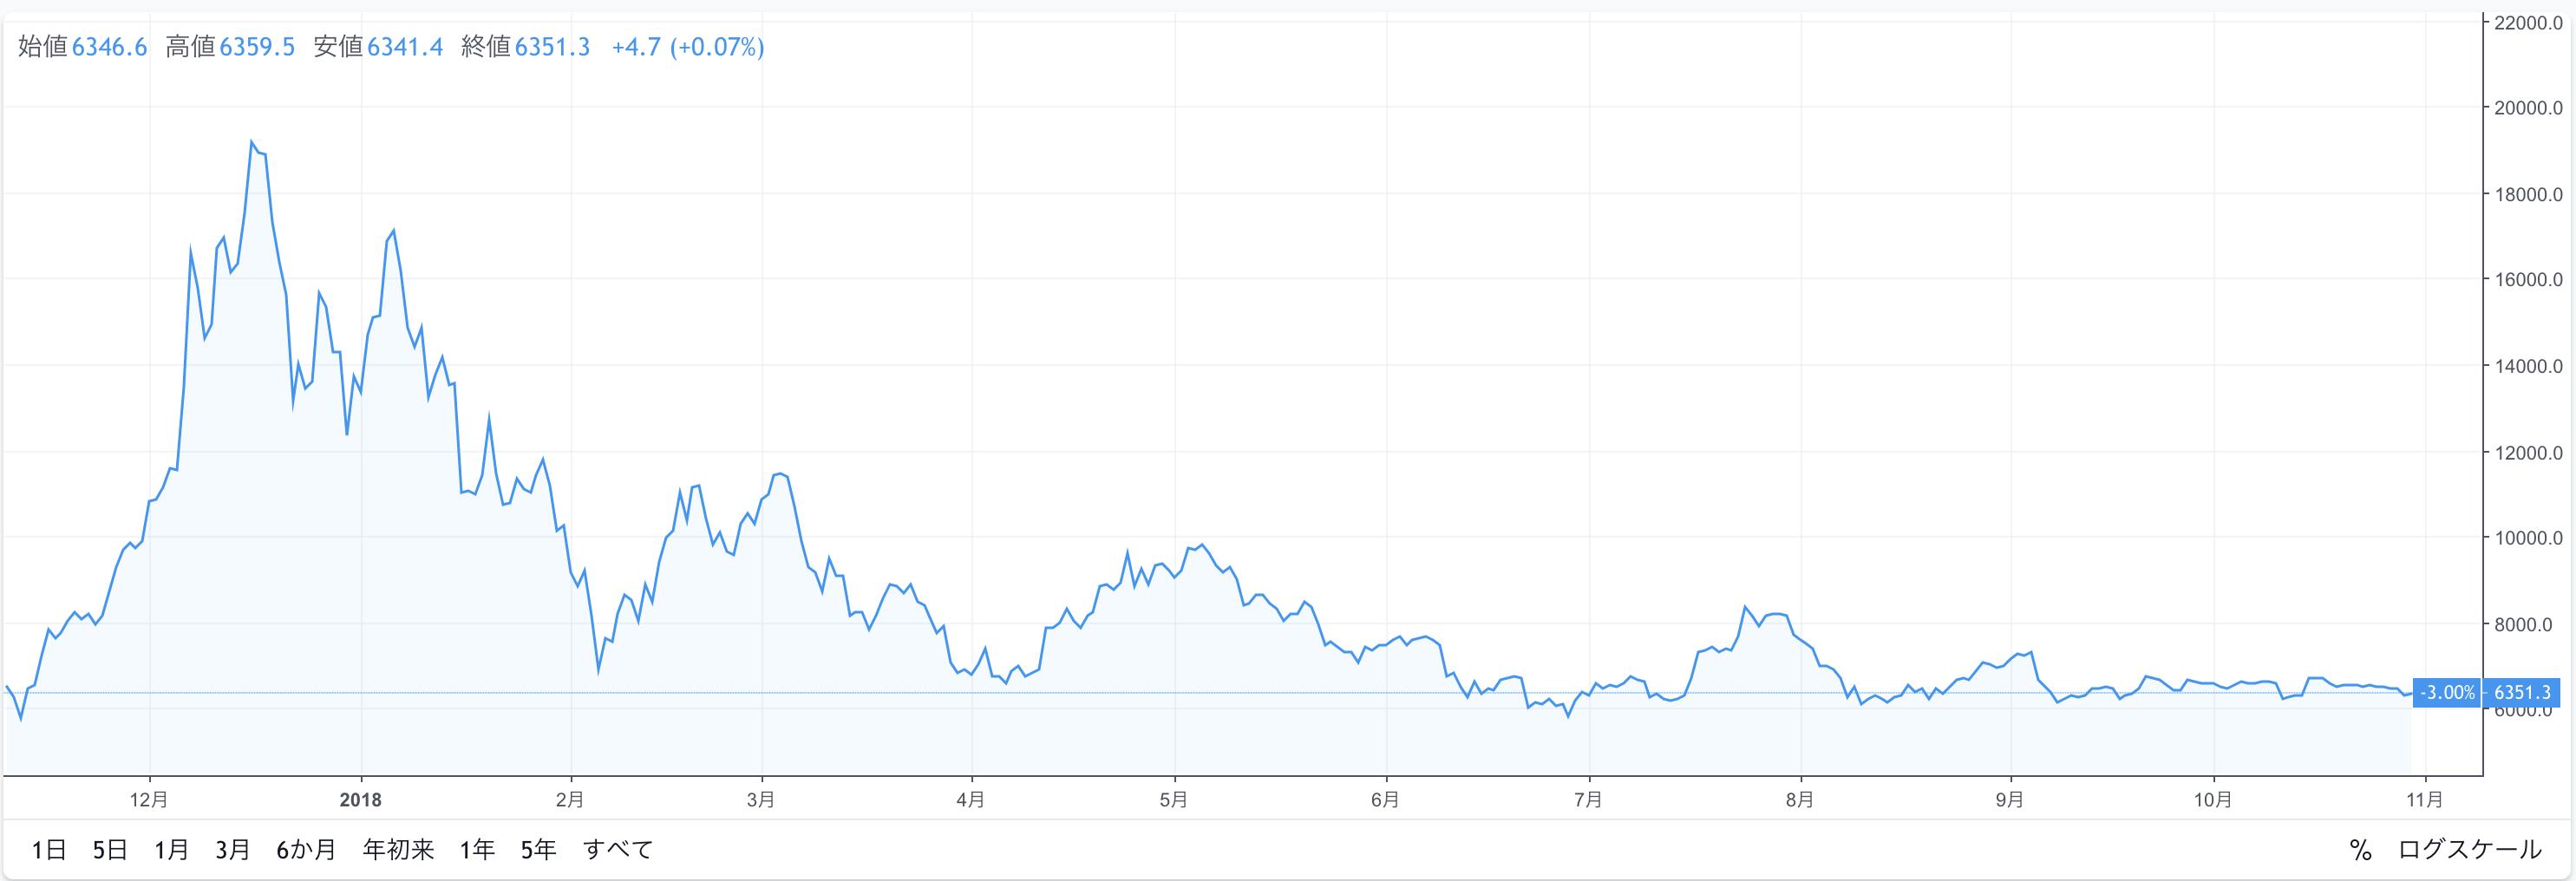 ビットコイン・アメリカドル価格チャート